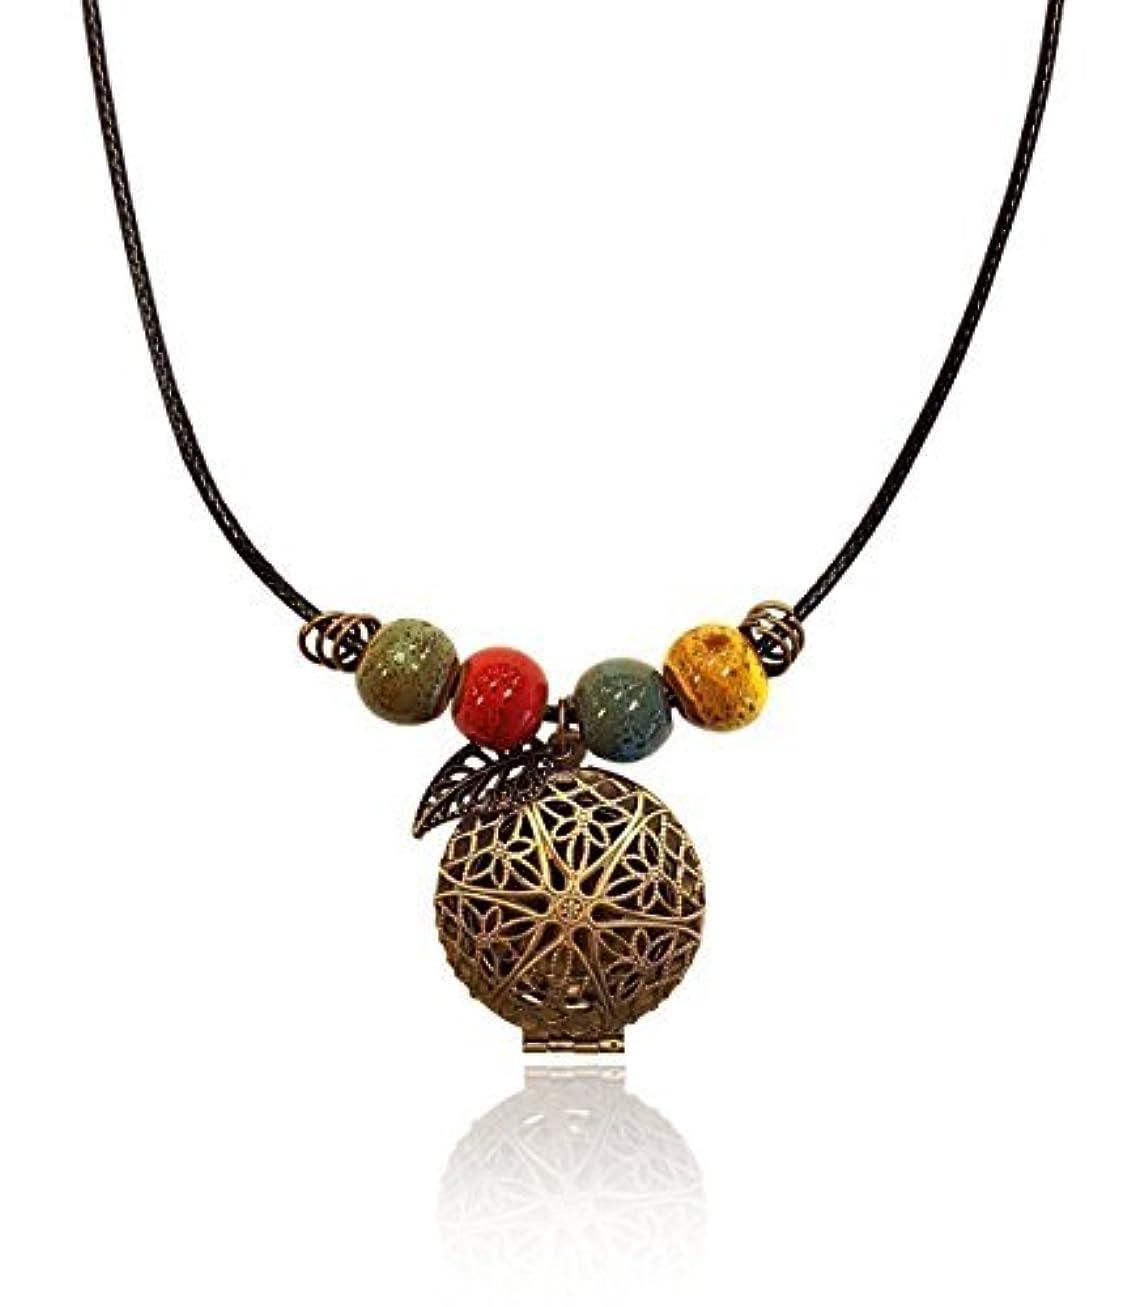 自動車青写真レイアウトBrass-tone BOHO Colorful Bohemian Beaded Gypsy Essential Oil Diffuser Jewelry Aromatherapy Locket Pendant includes...